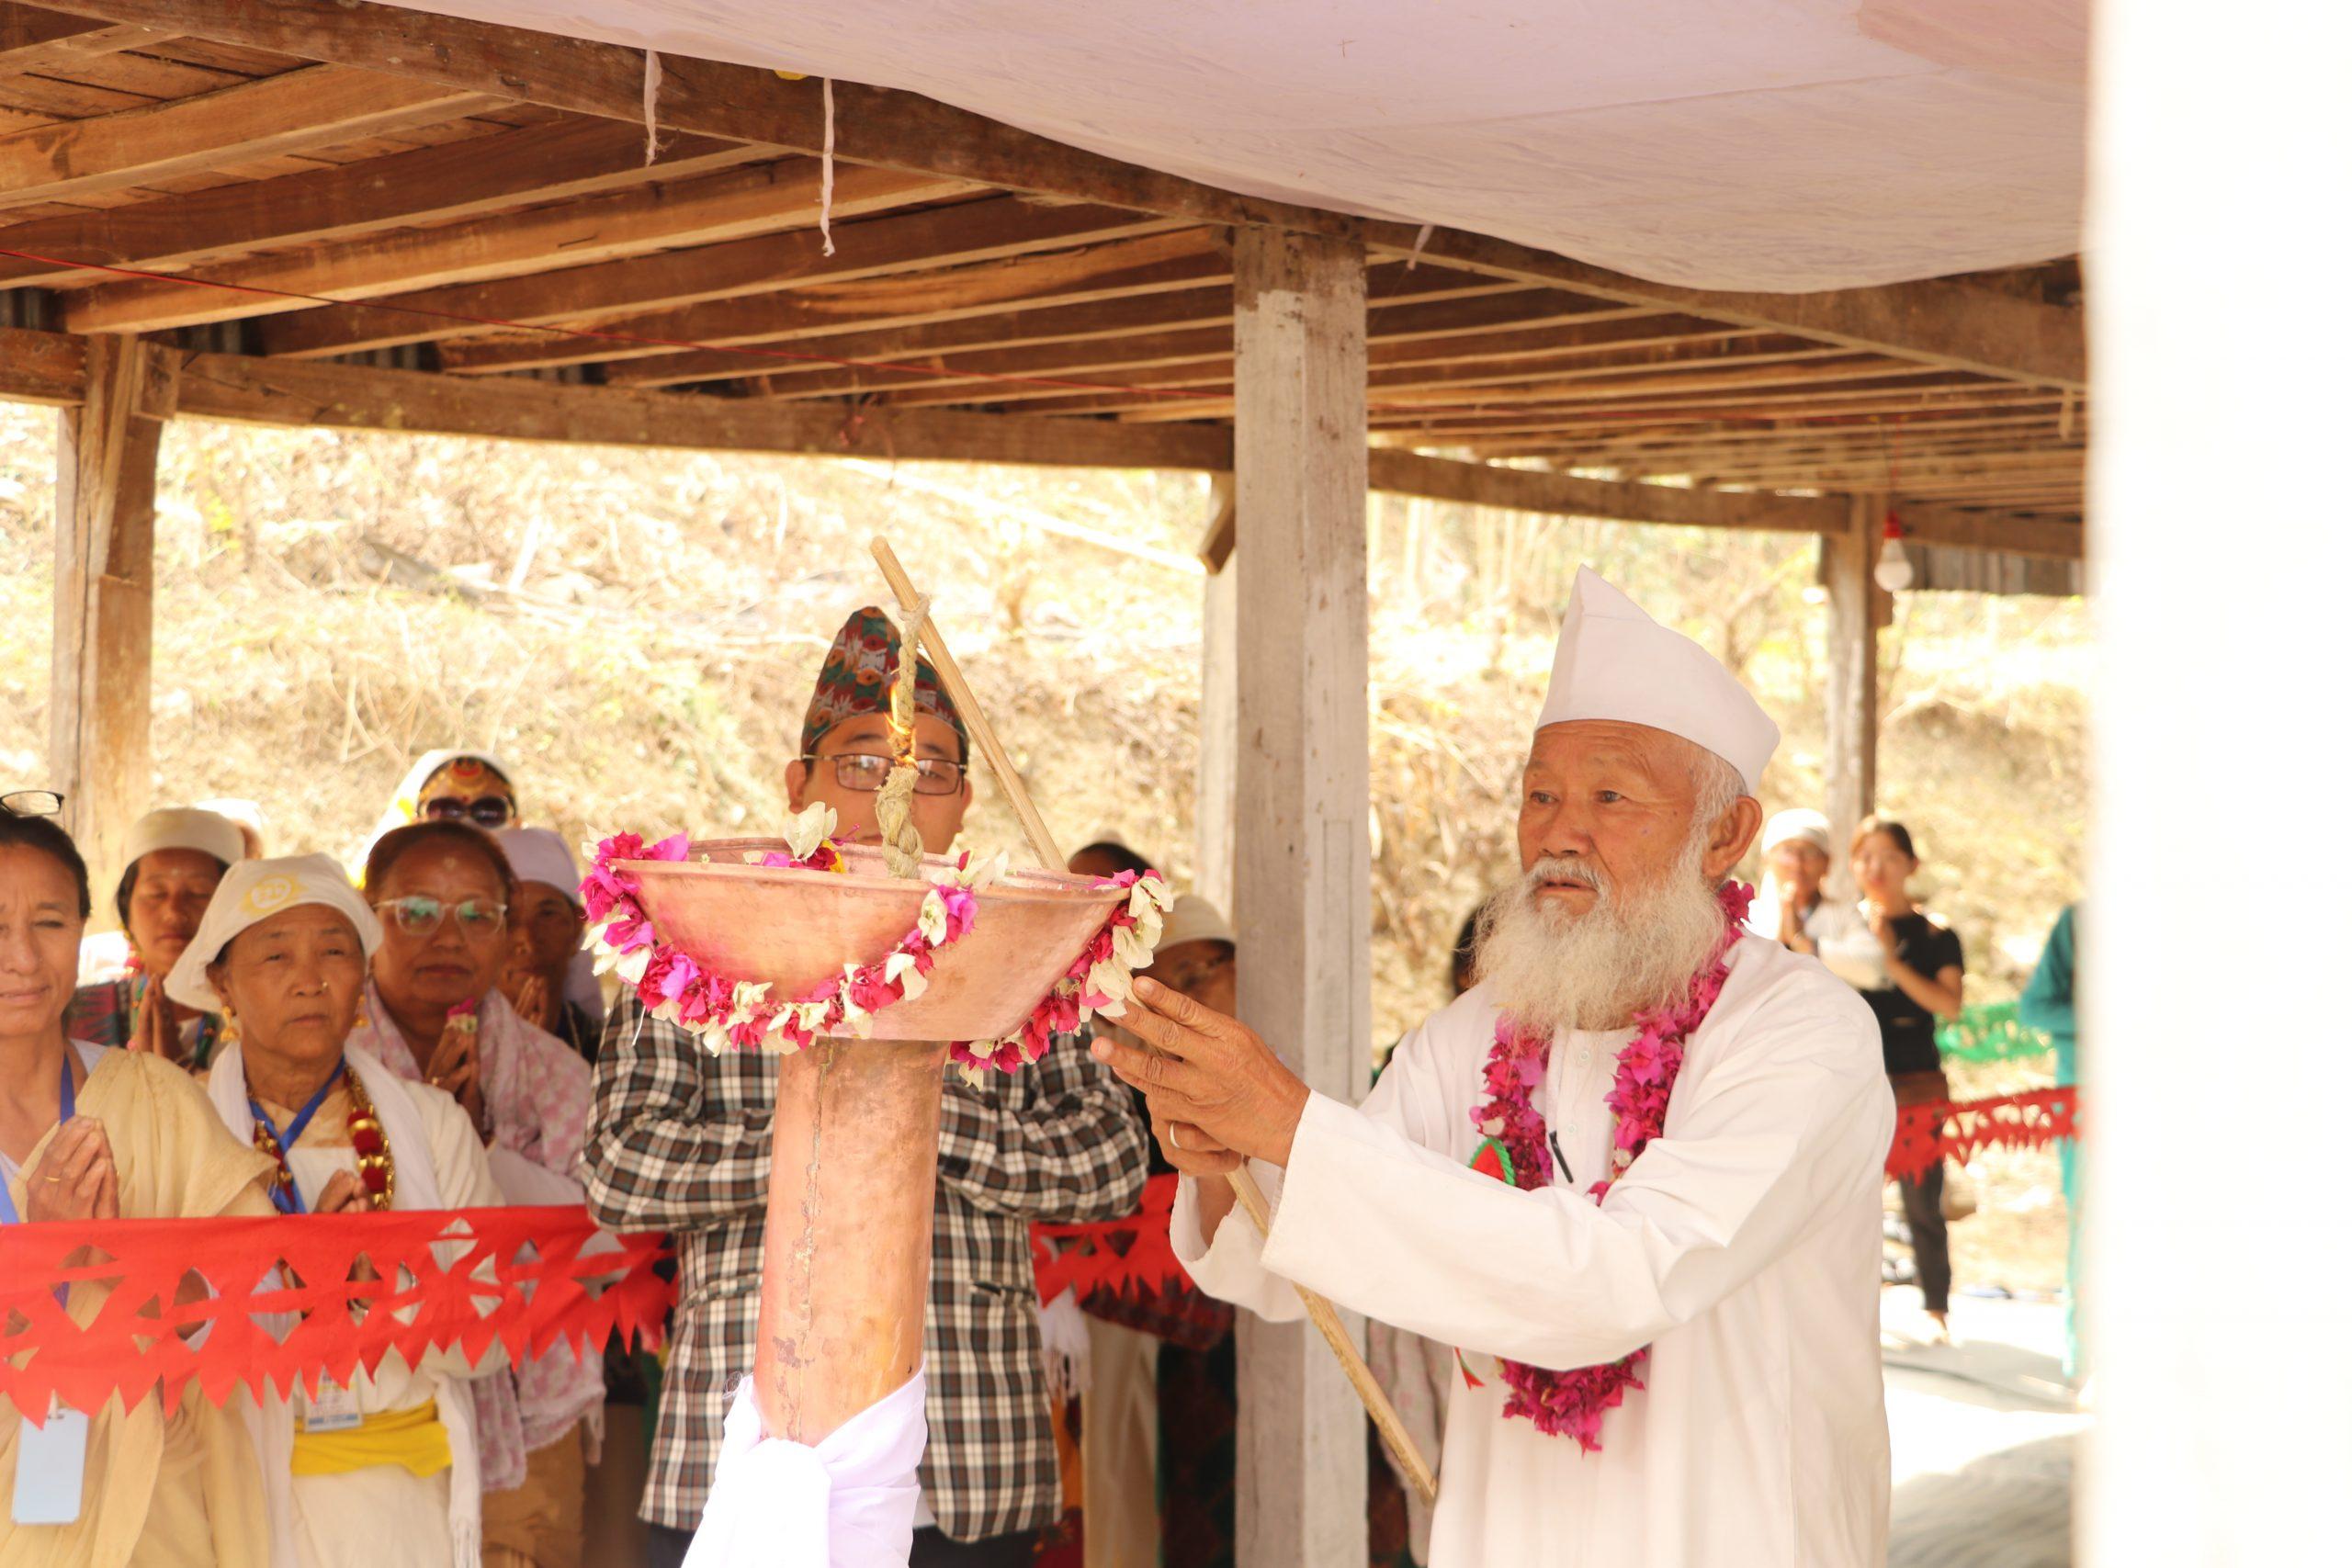 किरात साम्यो माङसेवासावा पान्जुम्भोको २३ औ स्थापना दिवस सम्पन्न(फोटो फिचर)